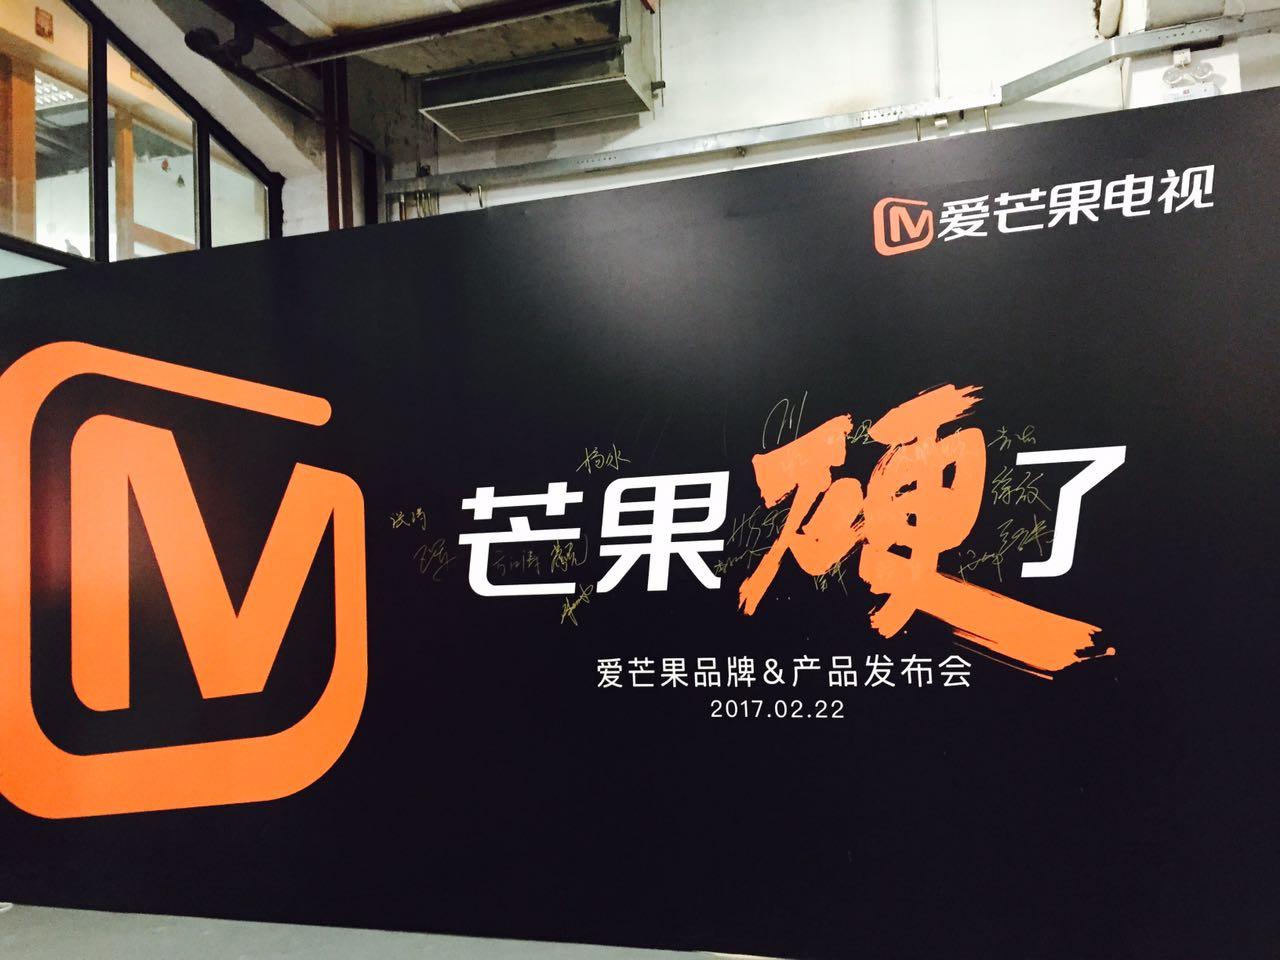 芒果TV进军互联网电视,诠释互联网电视新生态